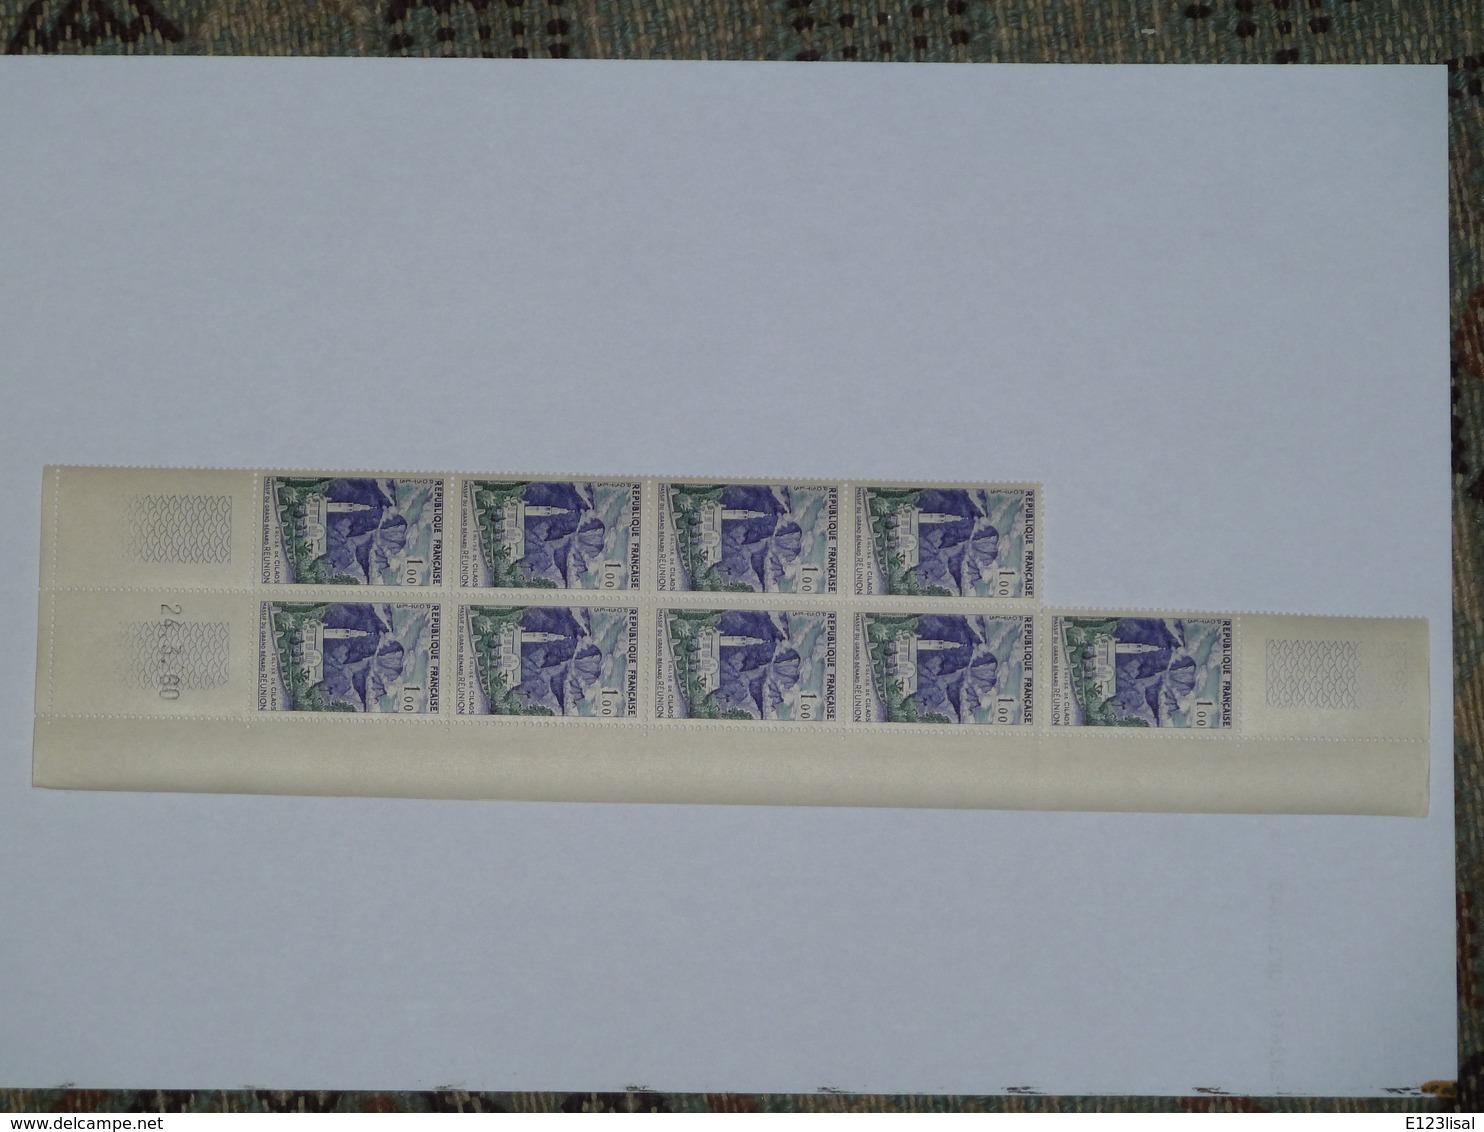 Bloc 9 Timbres YT N° 1241 Coin Daté 24 3 60 - Coins Datés